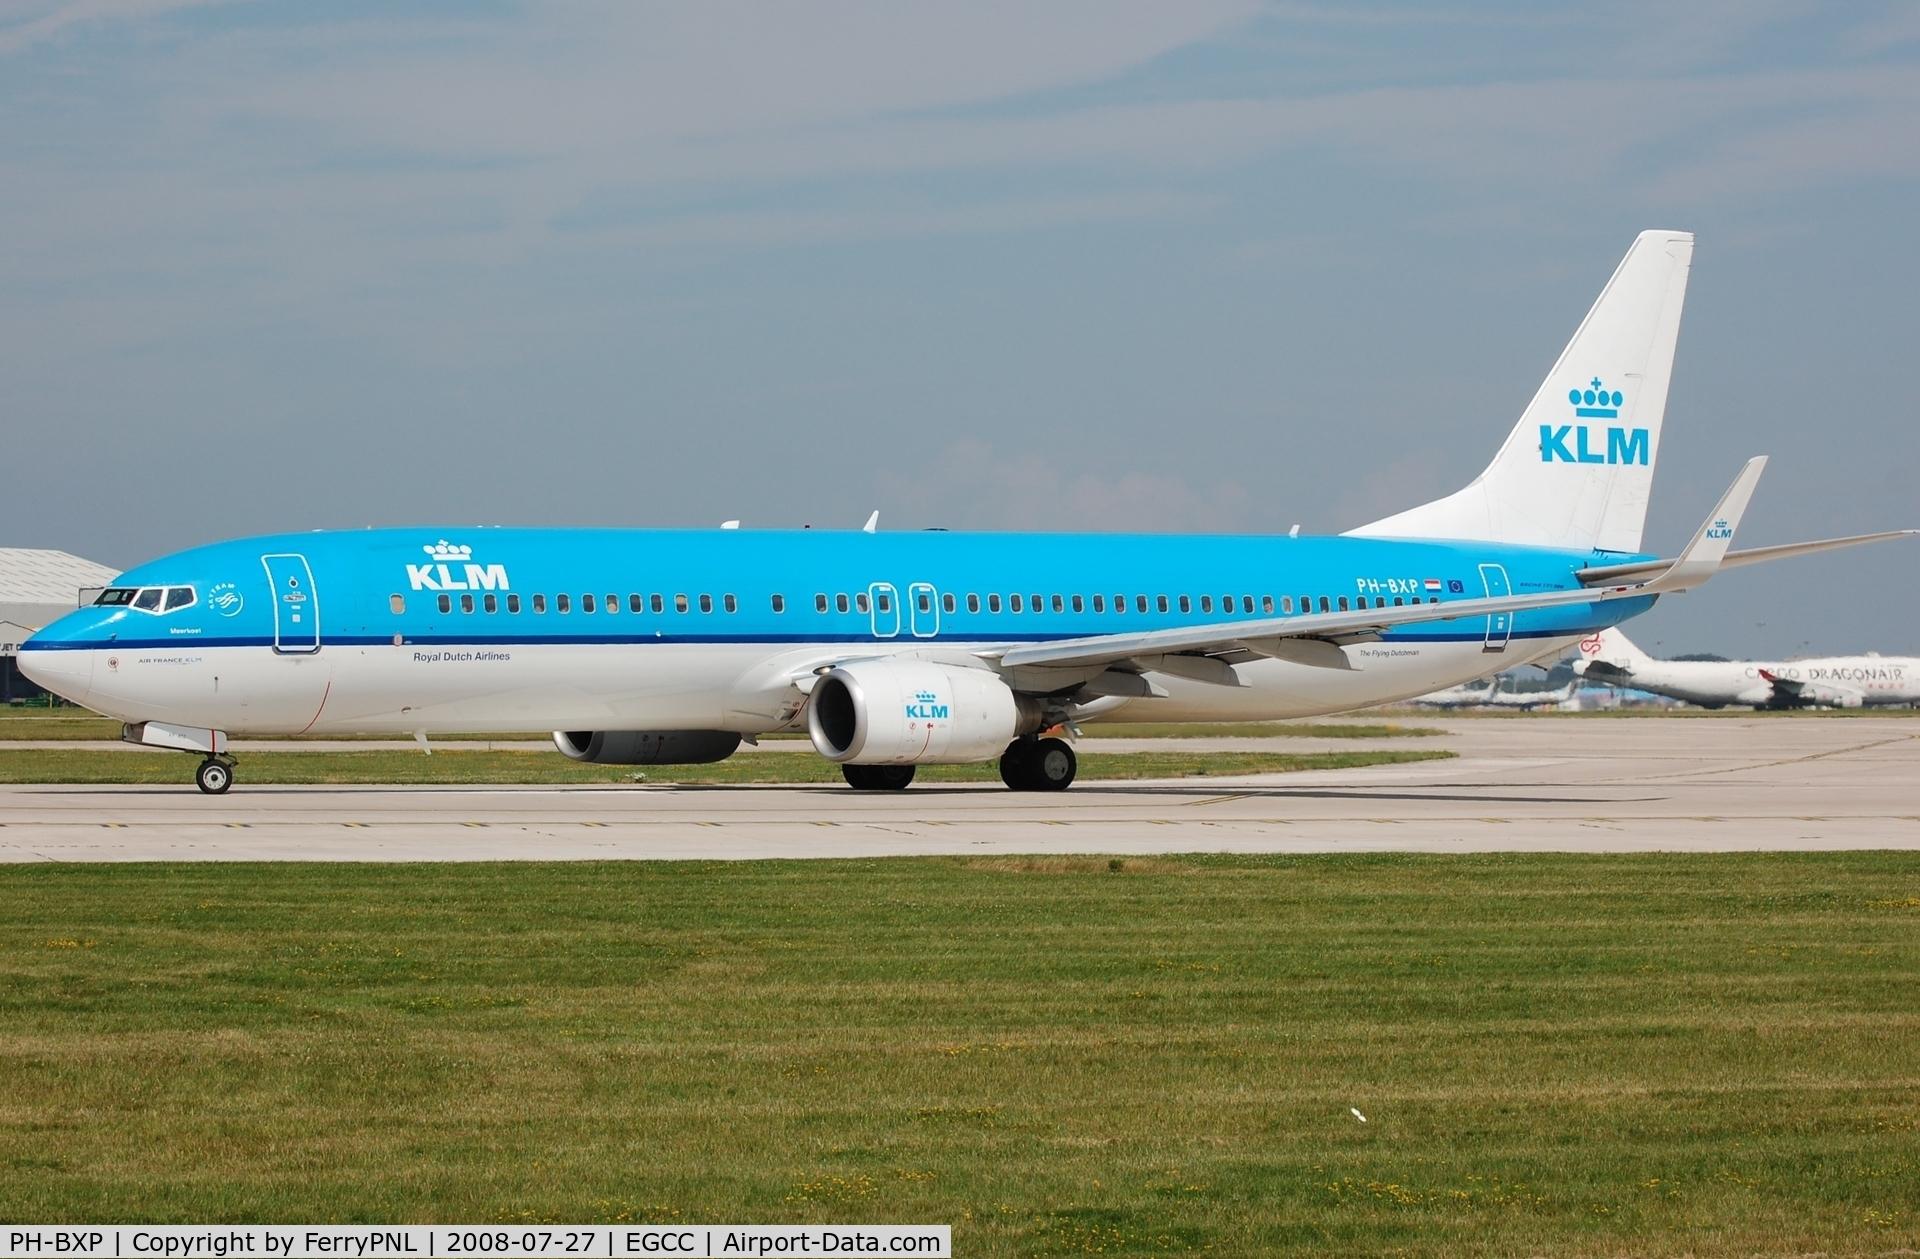 PH-BXP, 2001 Boeing 737-9K2 C/N 29600, KLM B739 for departure